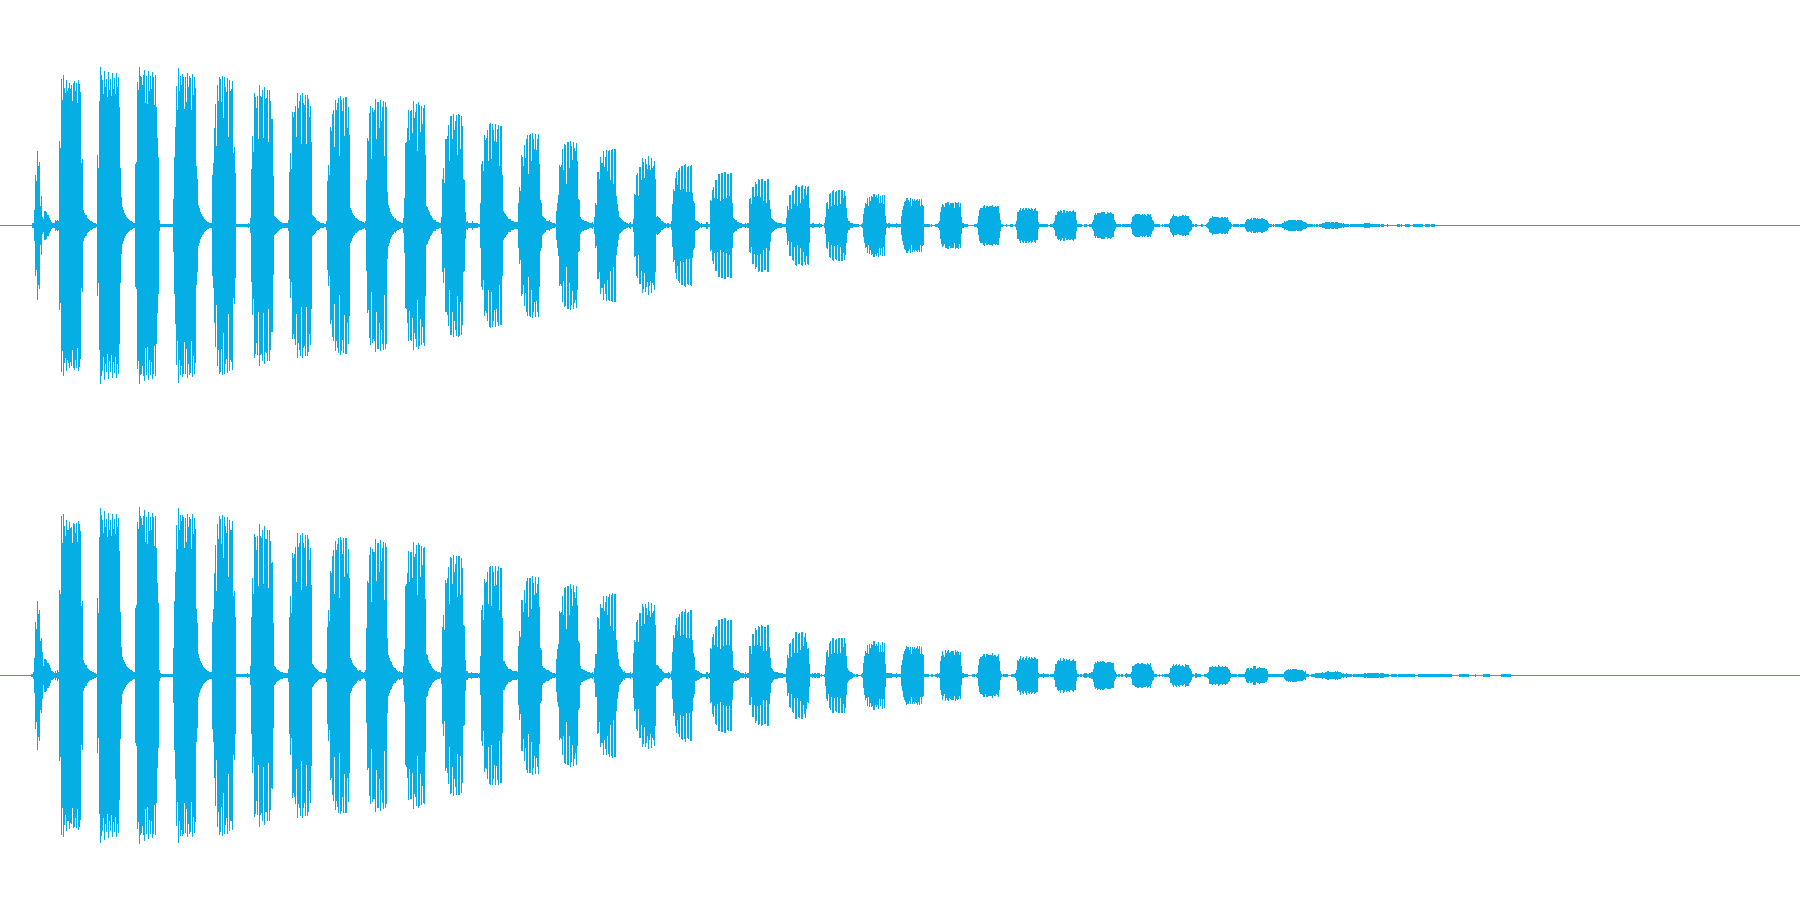 ビヨーン(蛙の飛び跳ねる音)の再生済みの波形